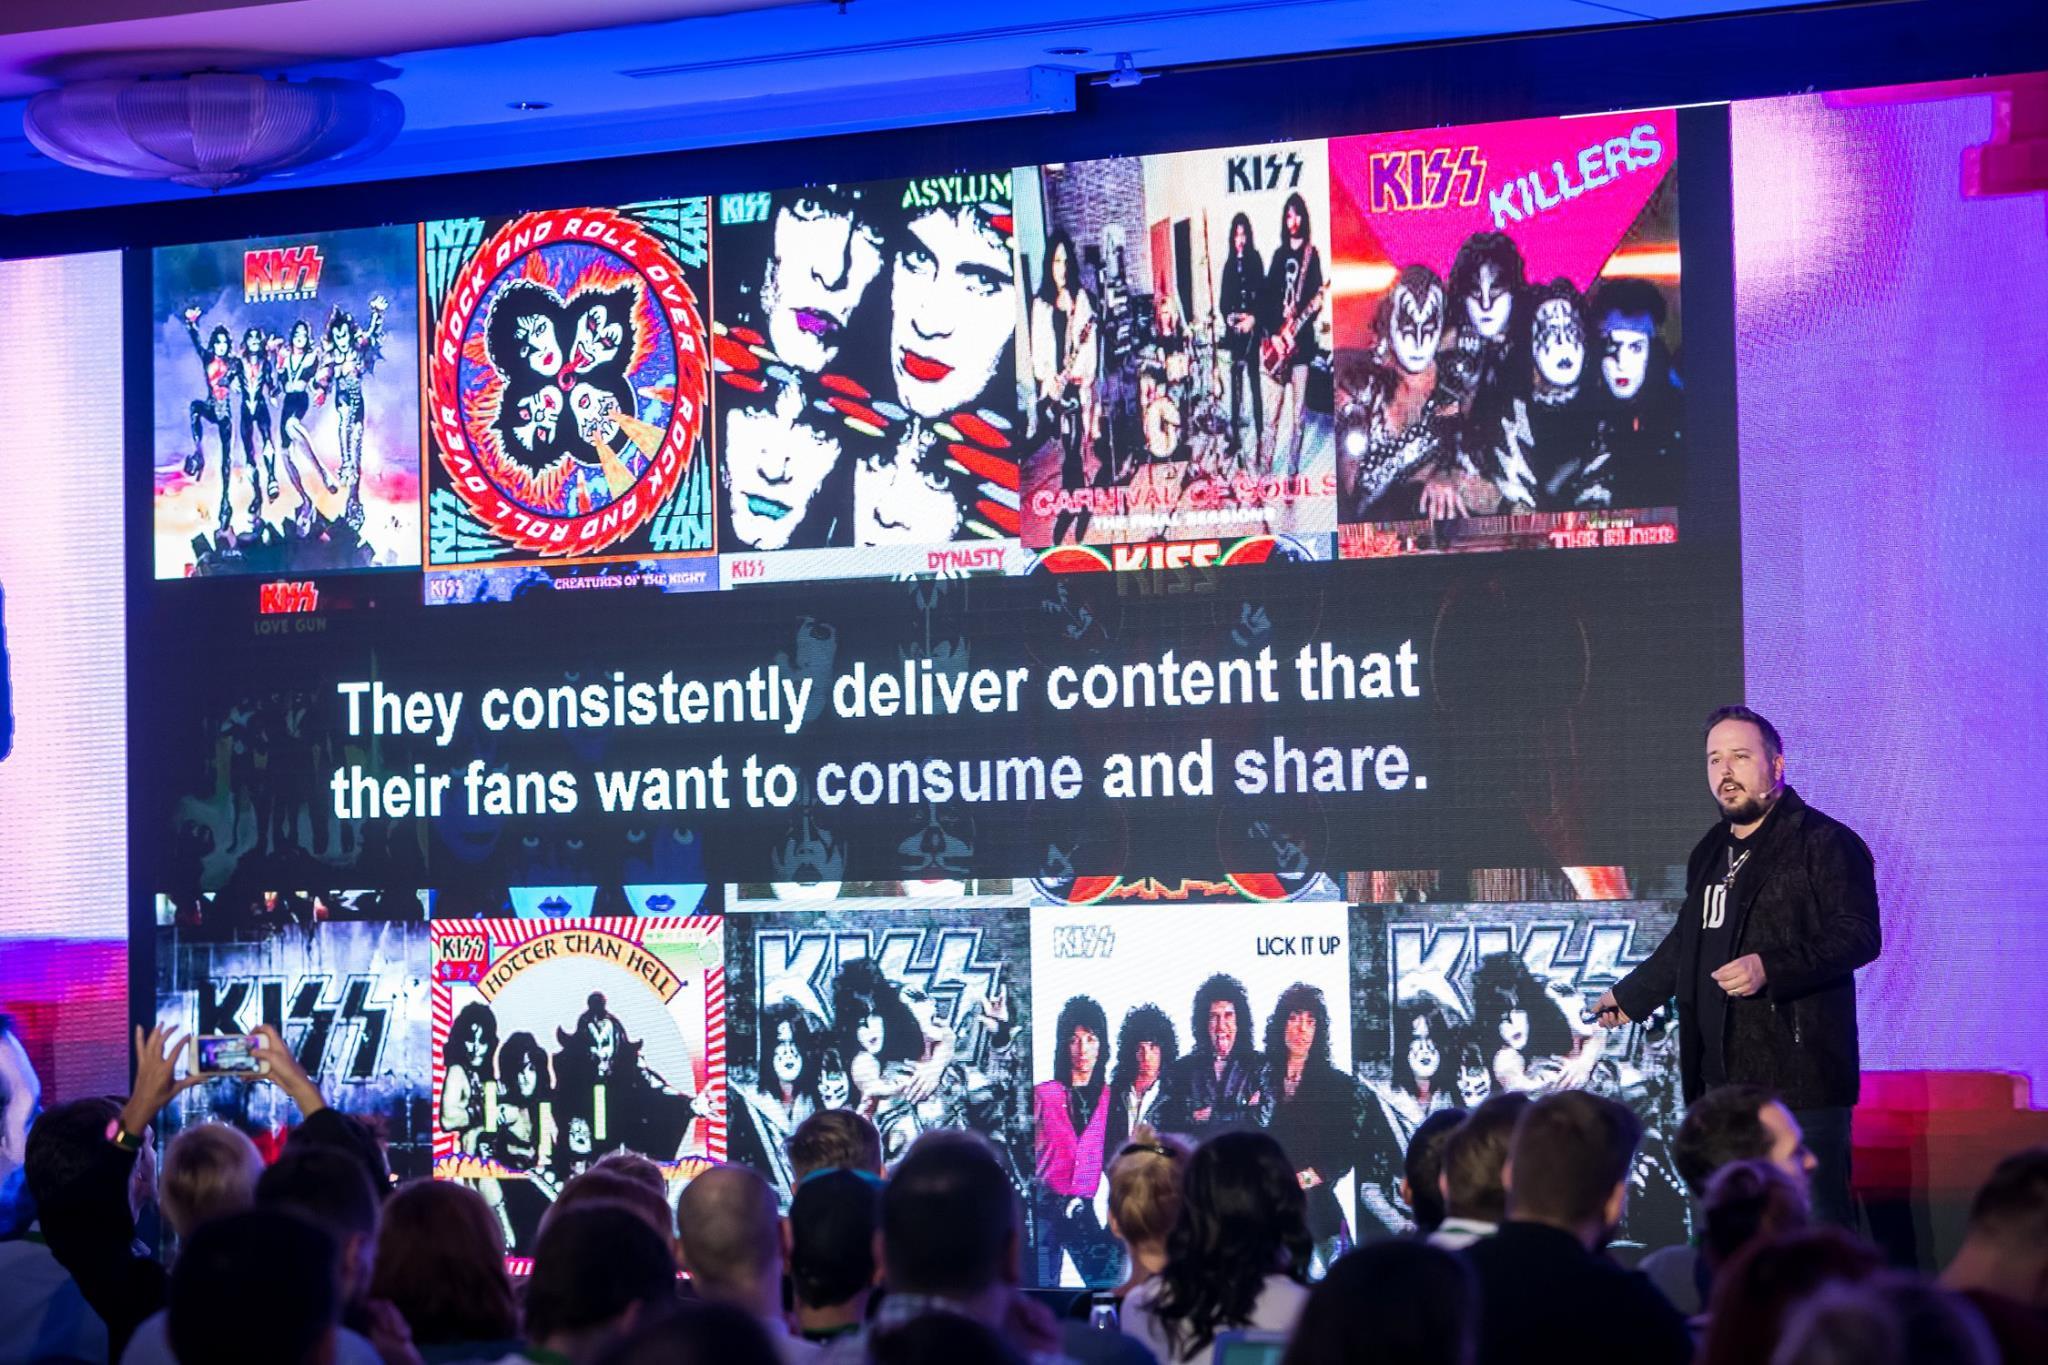 Čo som si odniesla z konferencie Digital Rulezz 2017? 5